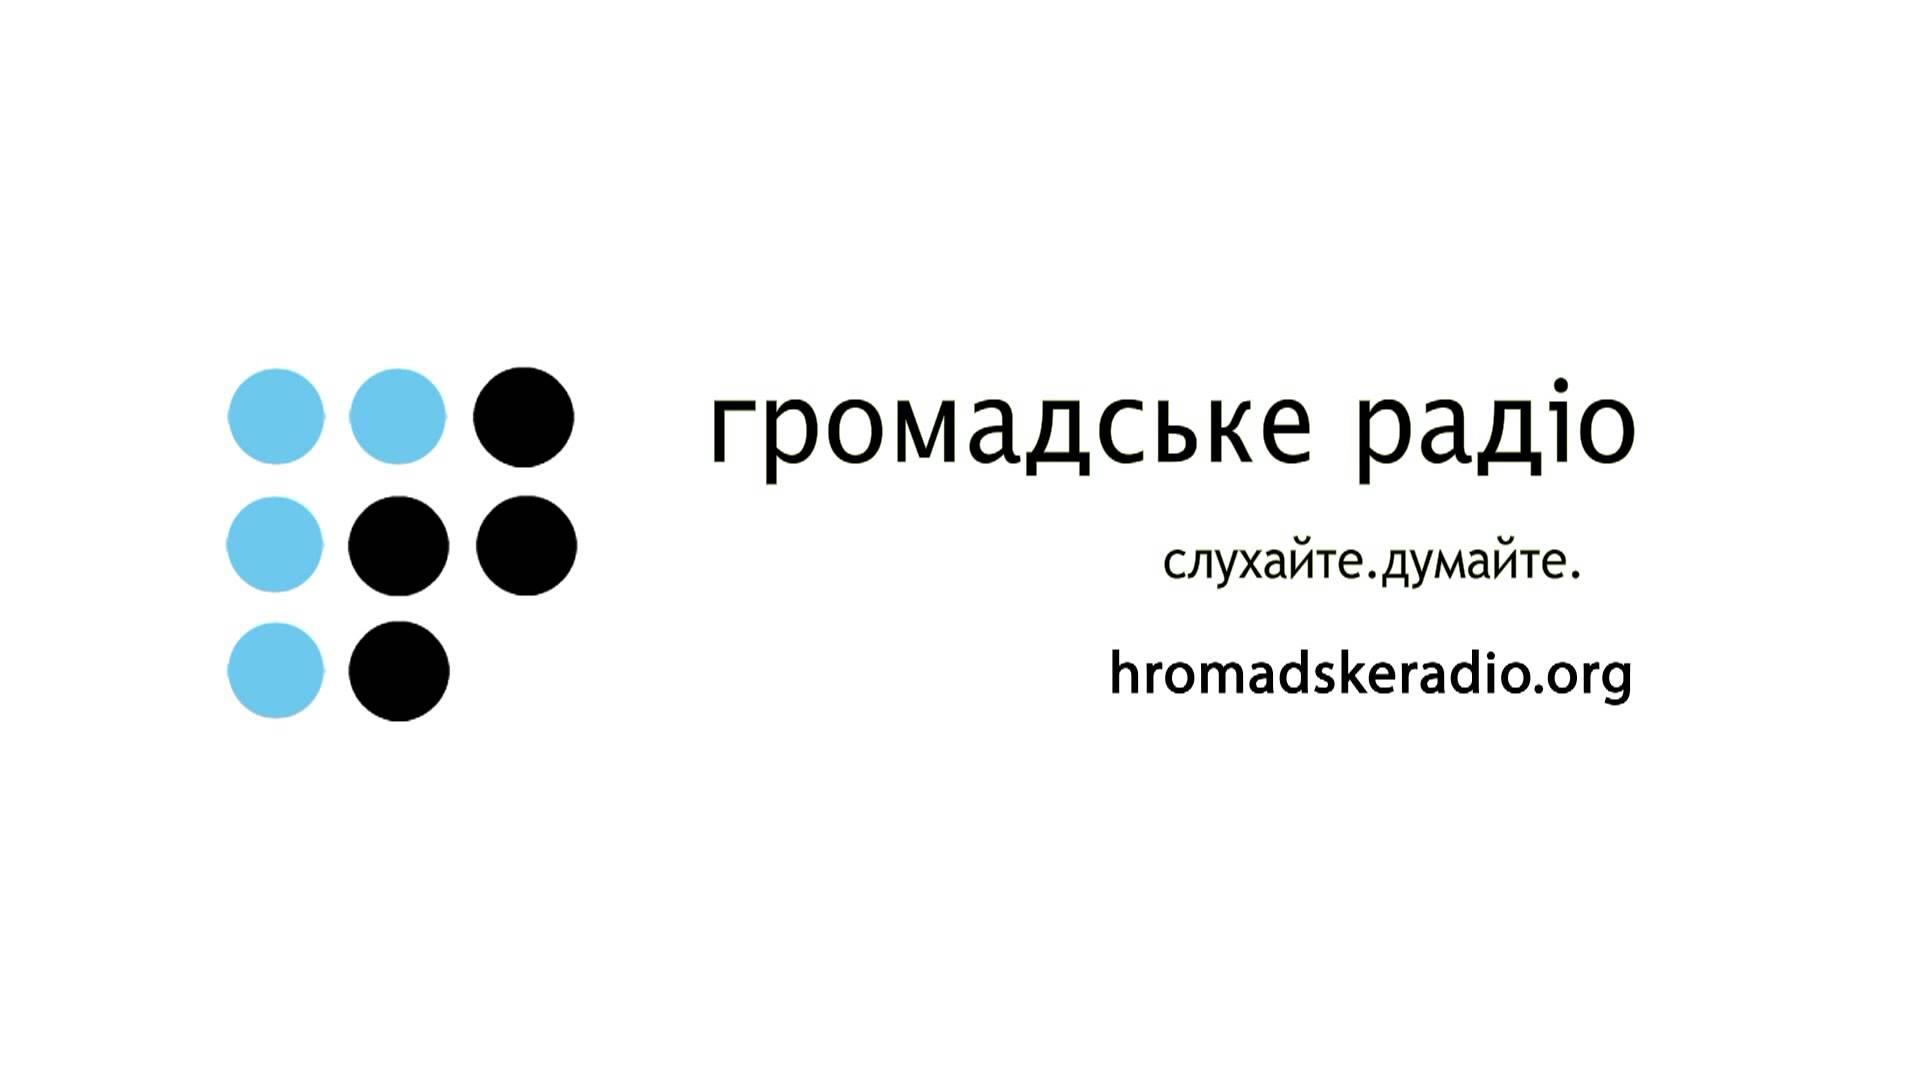 За рік «Громадське радіо» зібрало на розвиток  450 тис грн